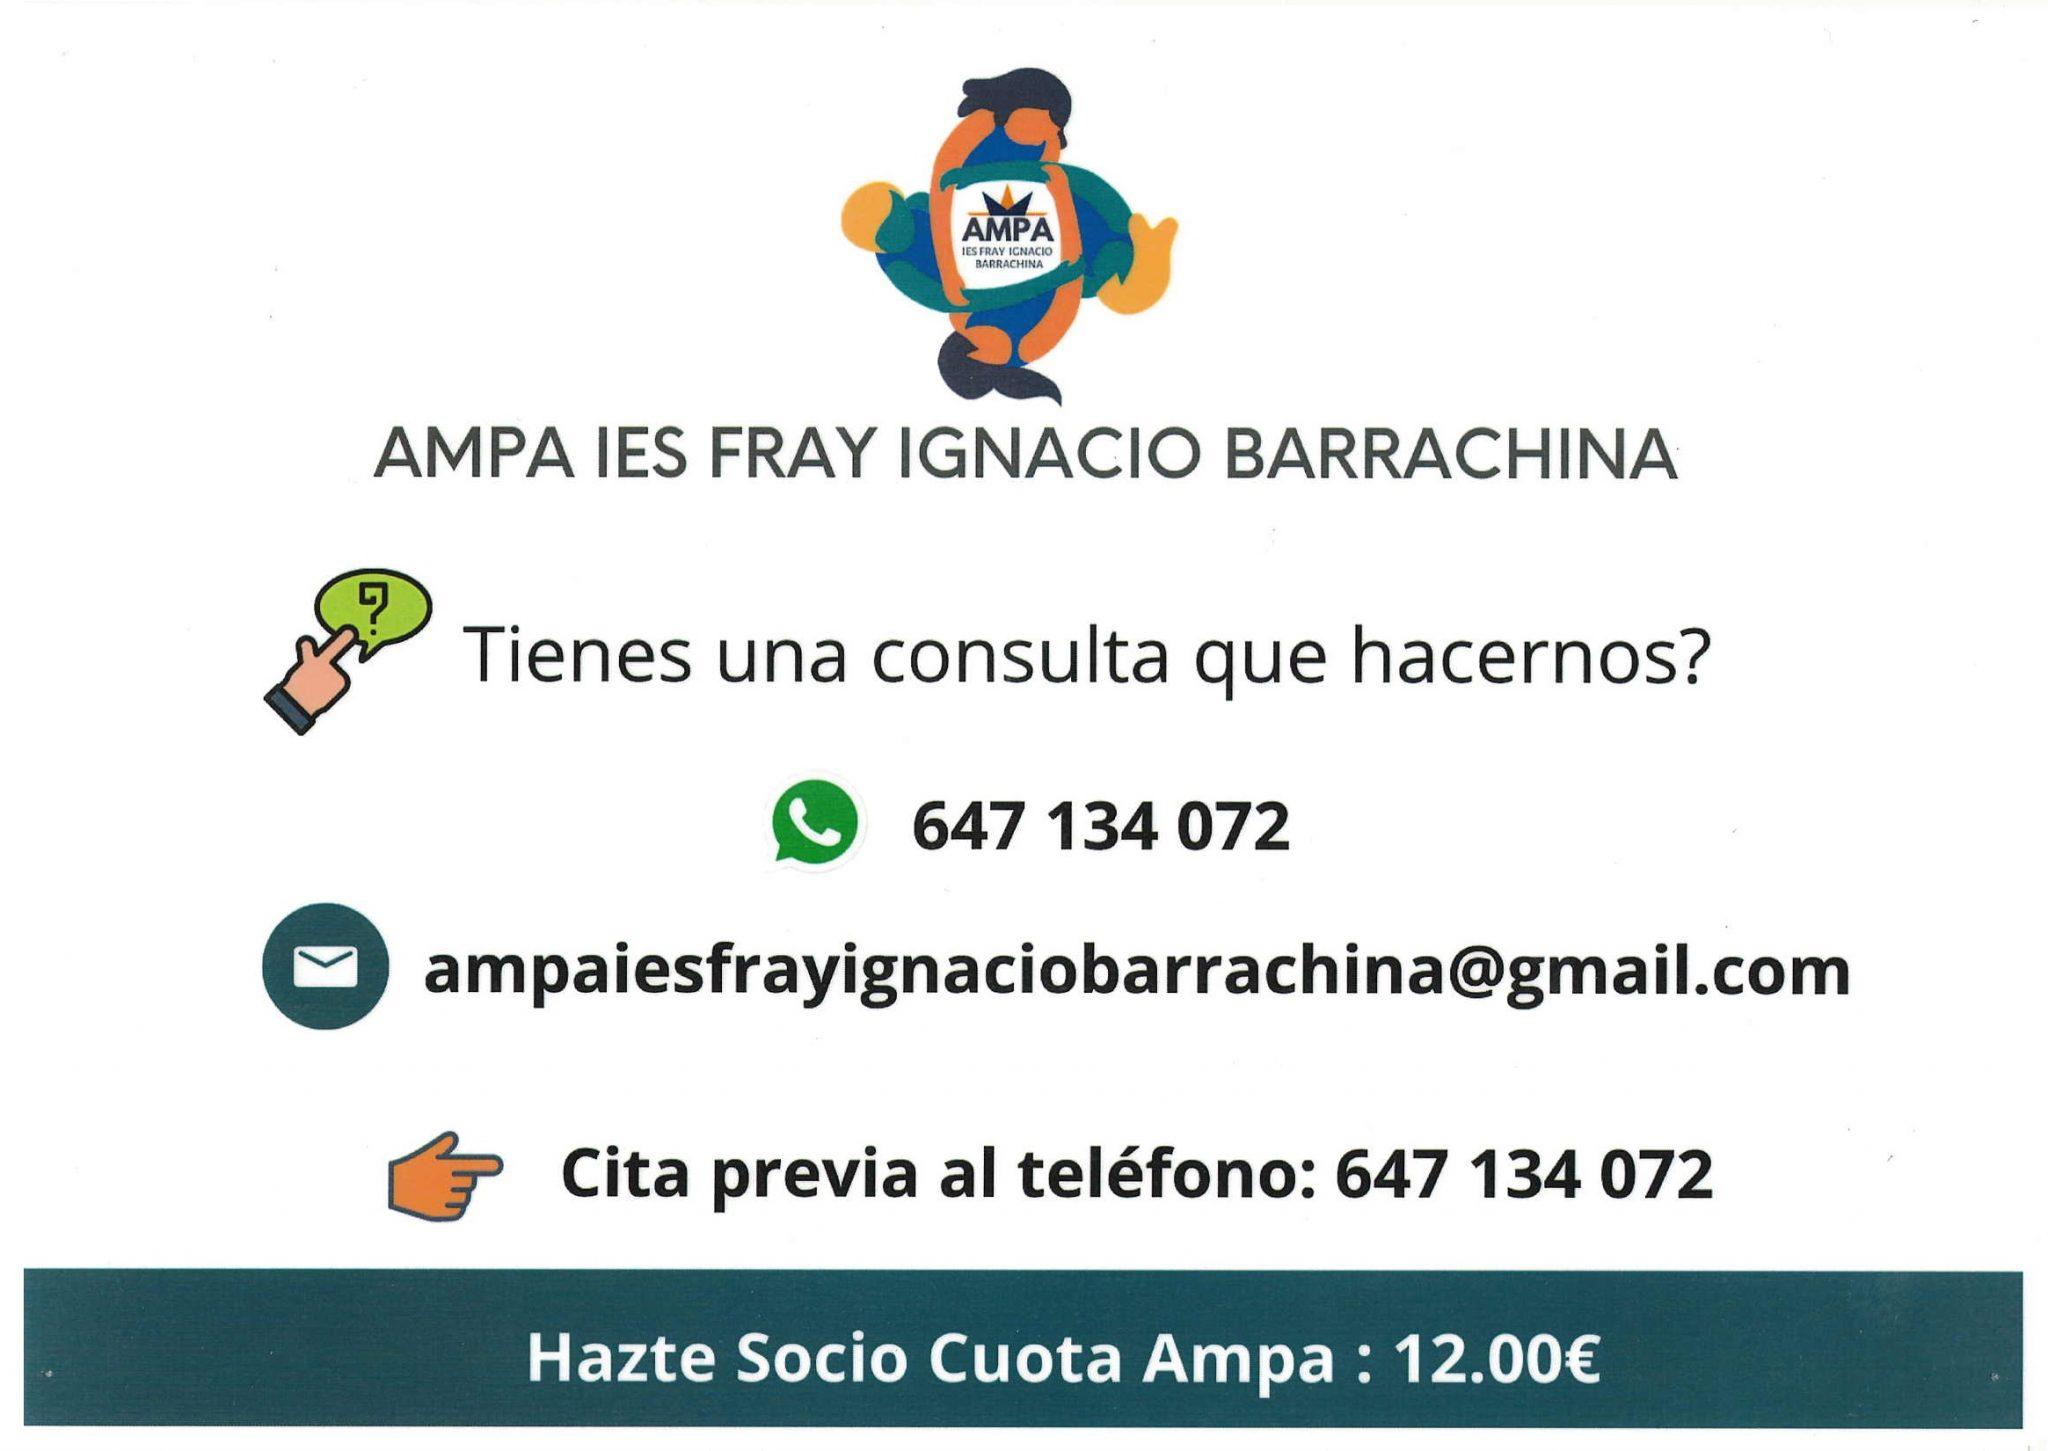 Información sobre el AMPA